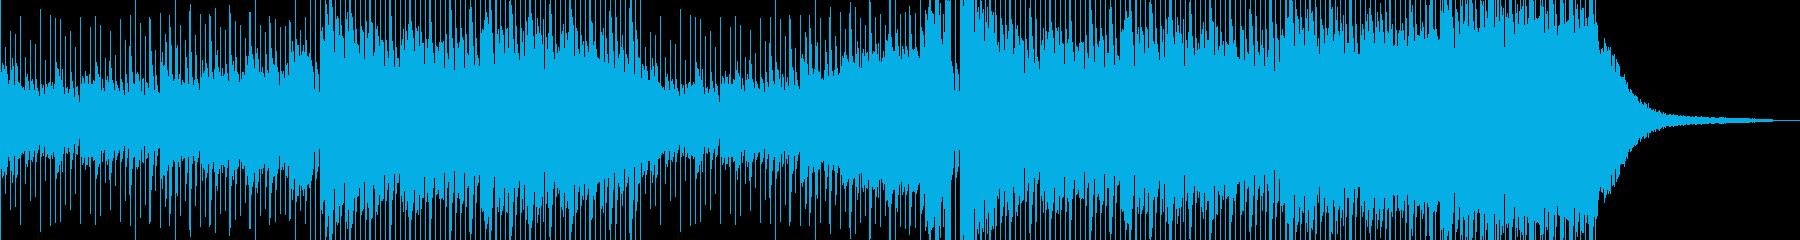 【ハウス】エネルギッシュ・力強さの再生済みの波形